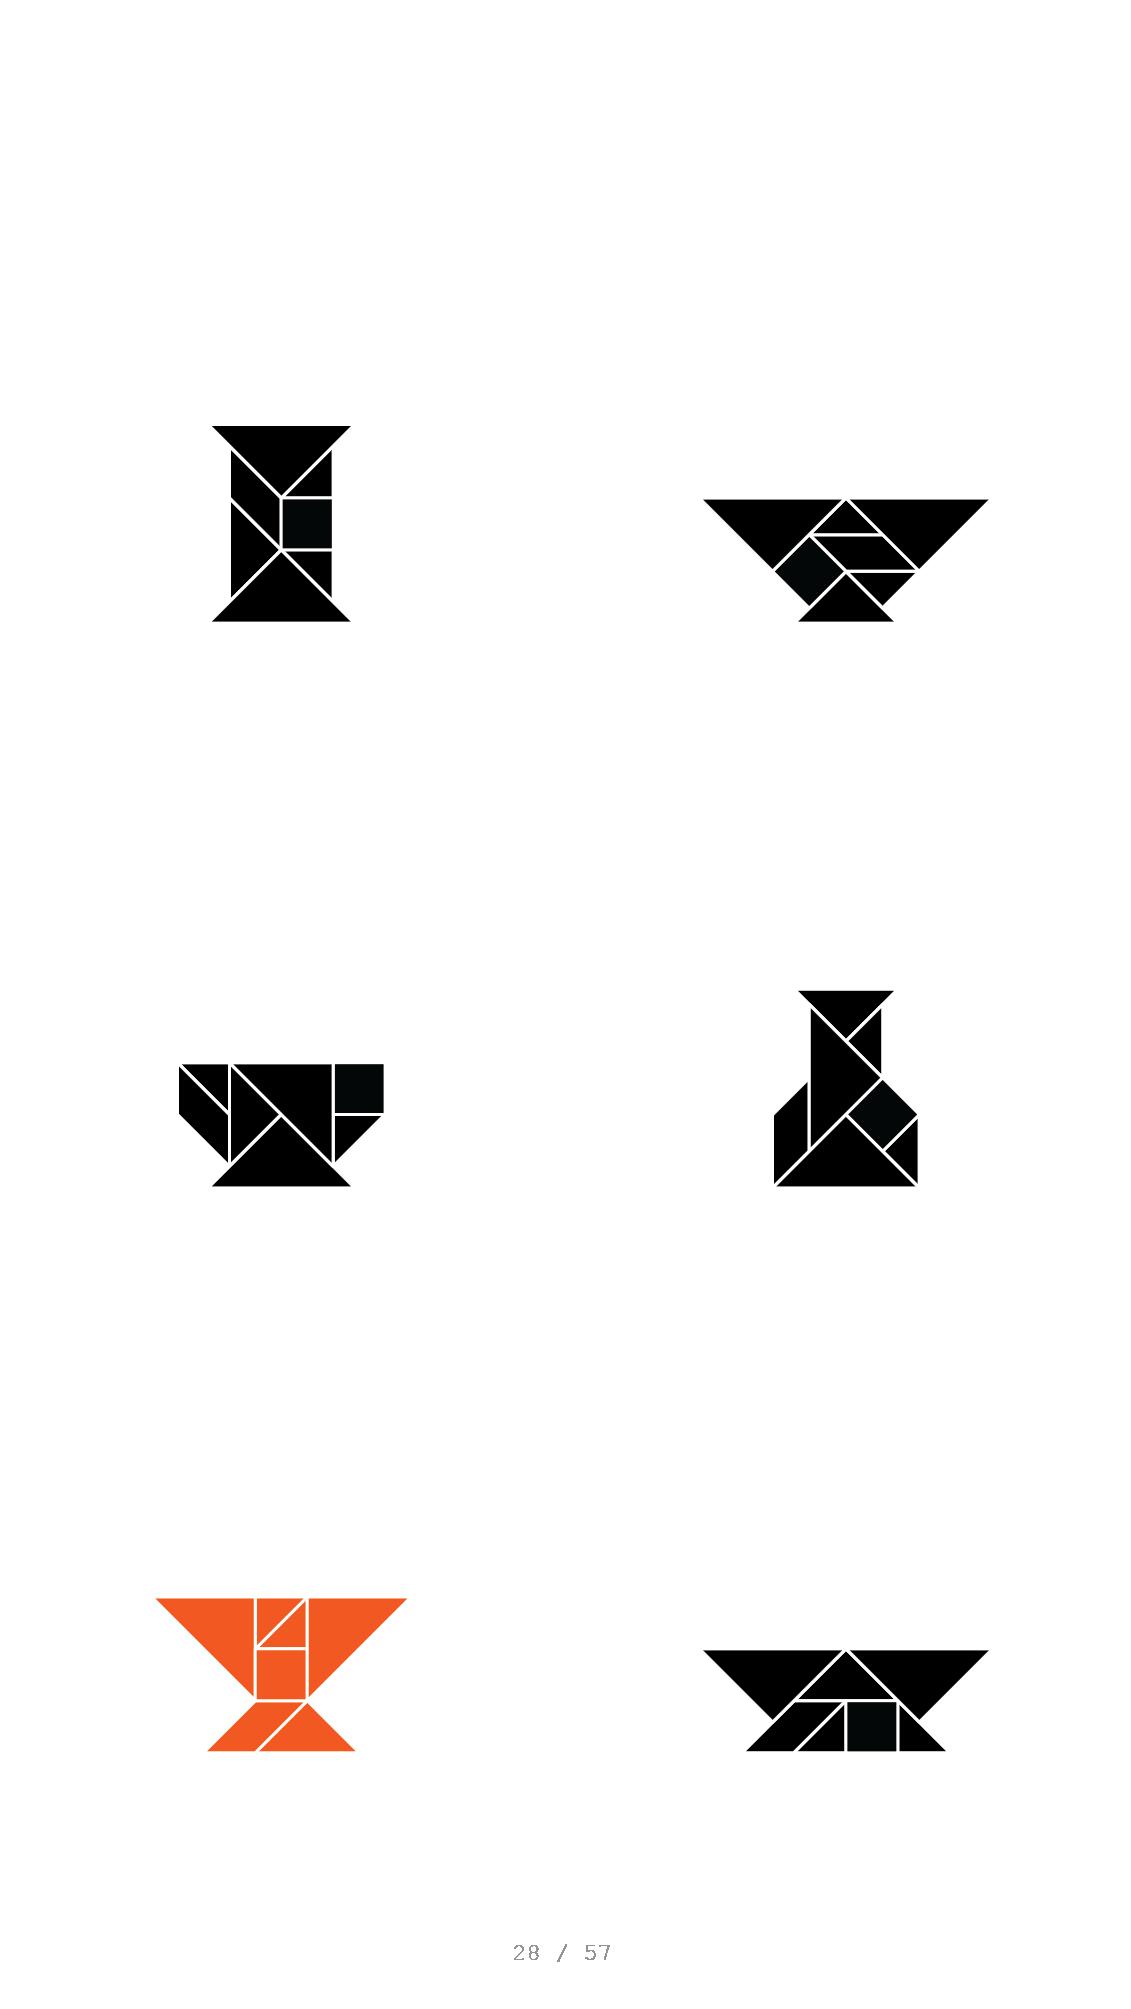 Tangram_Layout_2x3_schwarz-28